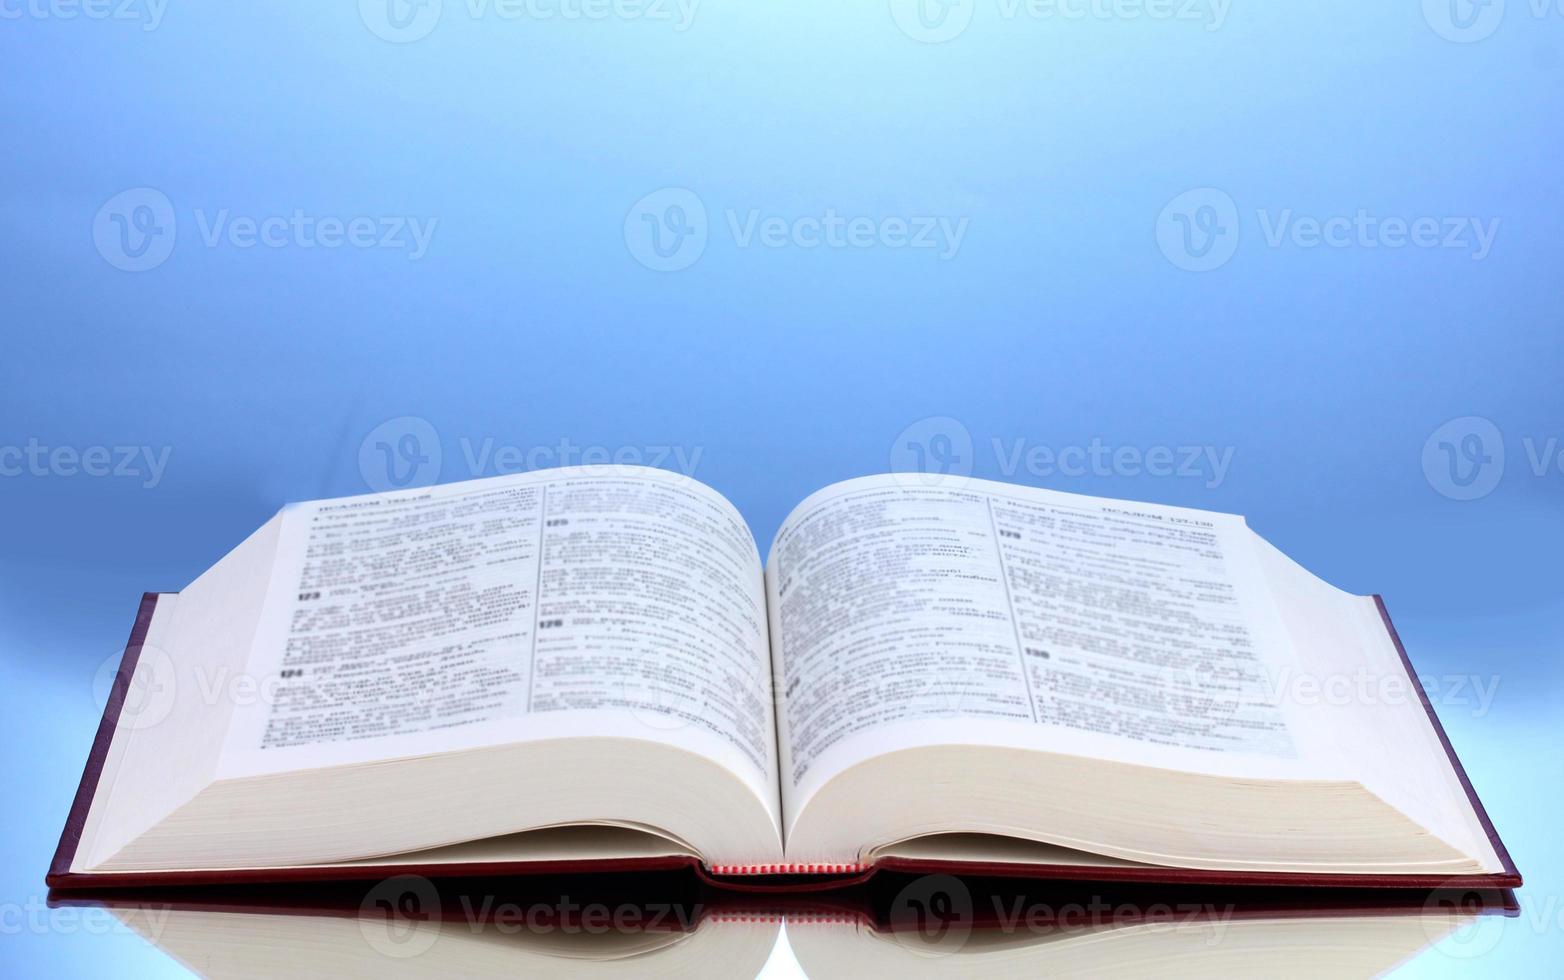 livro aberto na superfície reflexiva da mesa sobre fundo azul foto